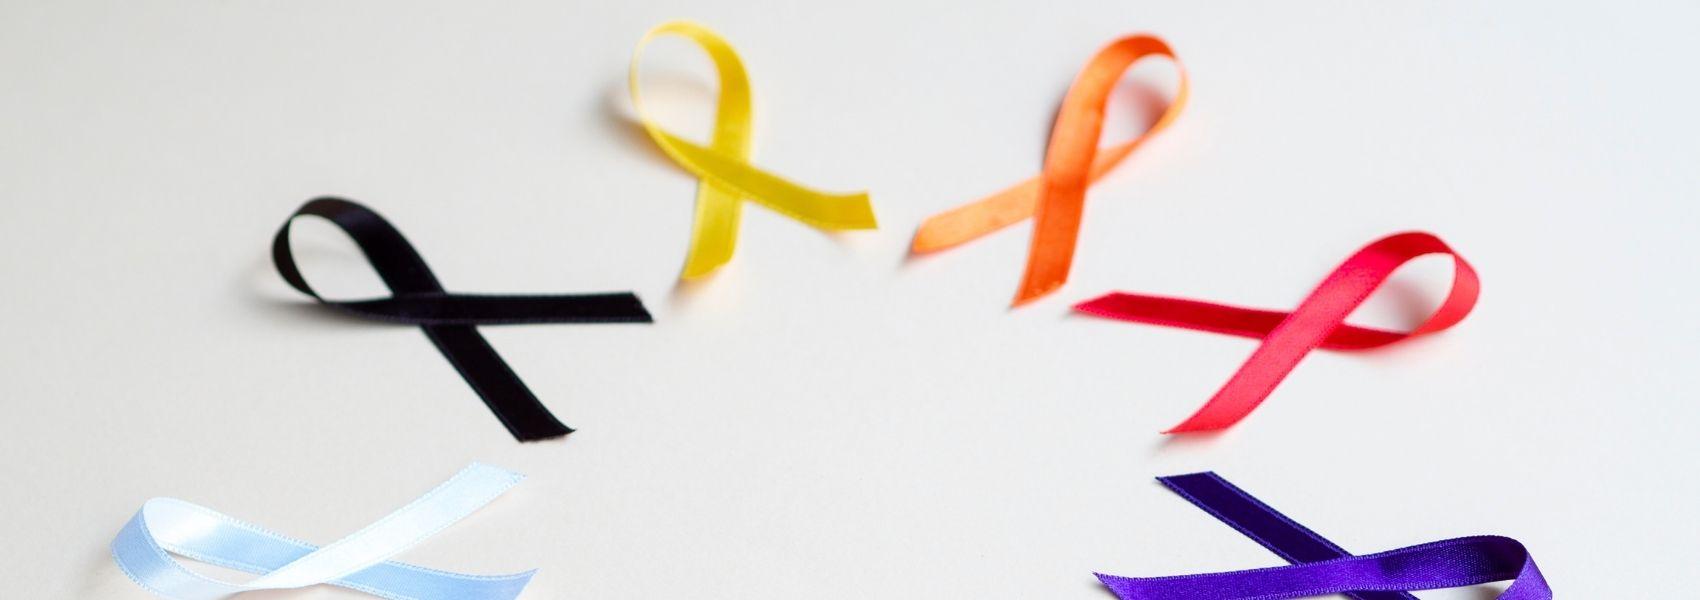 cancro colorretal e tumores oculares